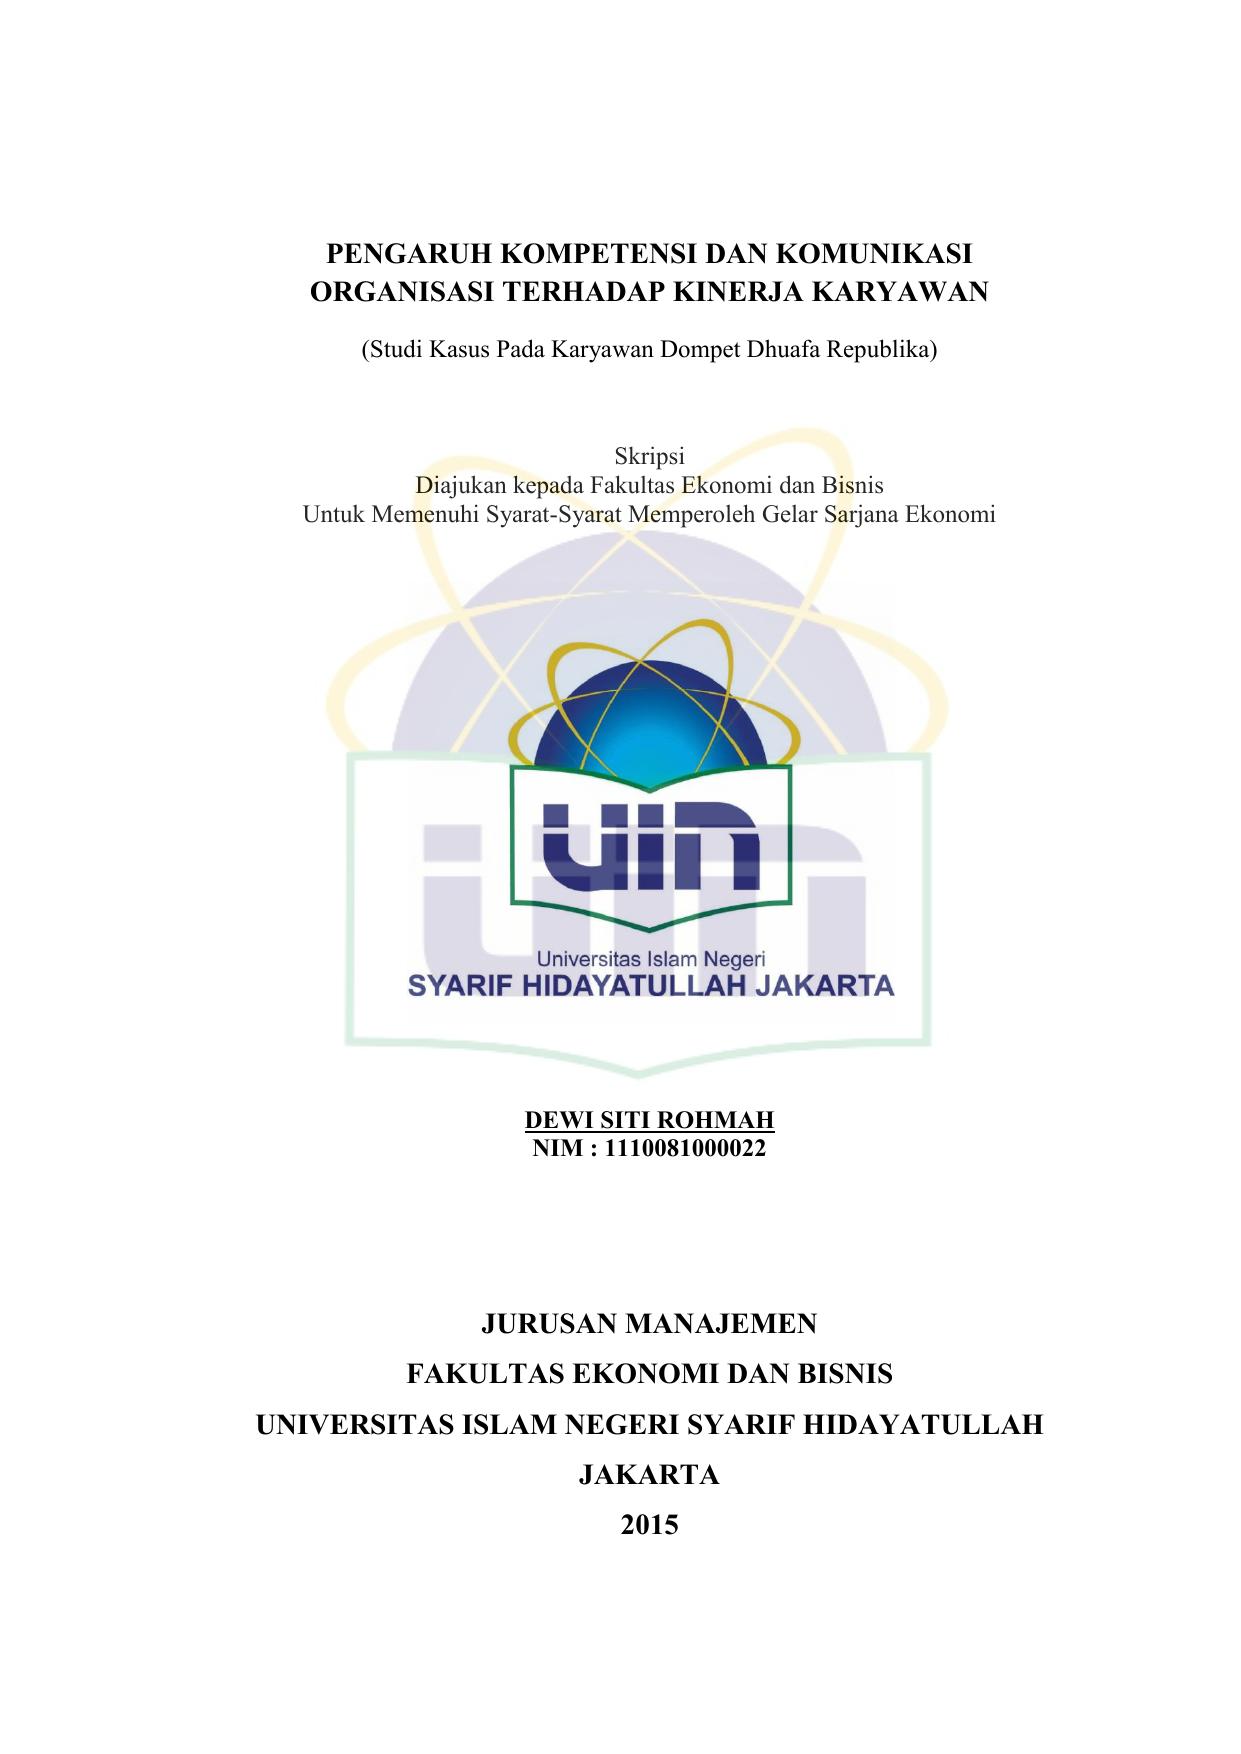 Dewi Siti Rohmah Repository Uin